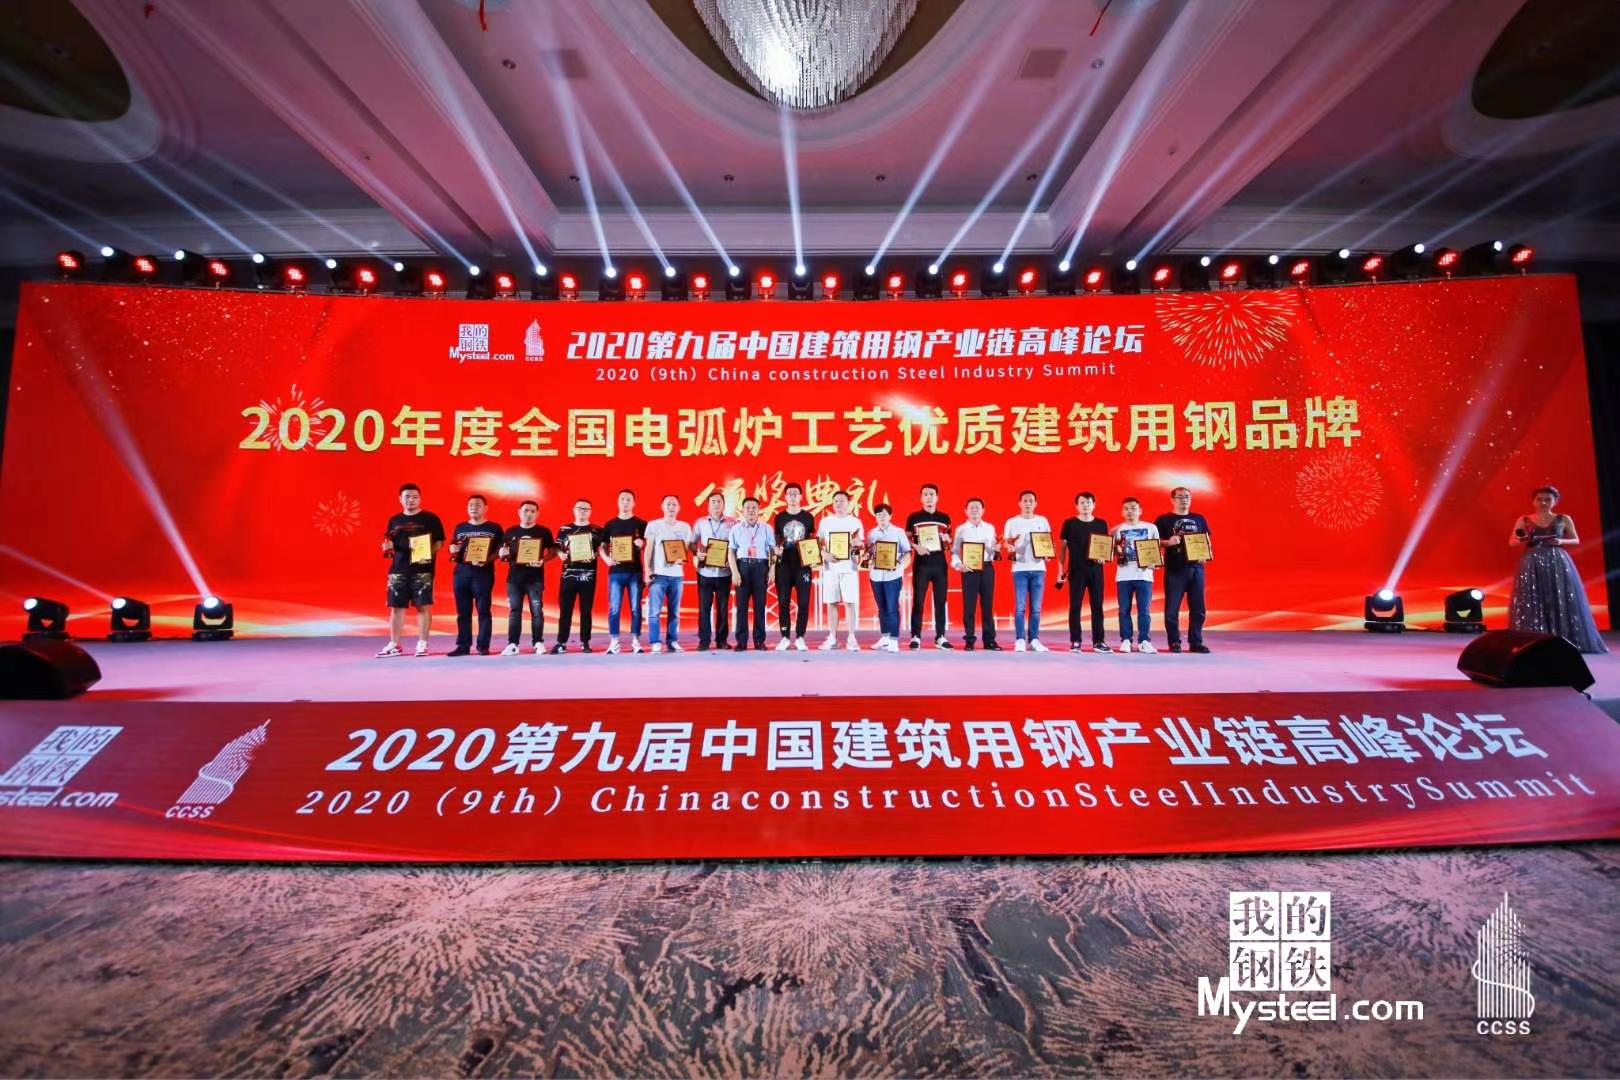 我司受邀參加并再次榮獲2020年全國電弧爐工藝優質建筑用鋼品牌獎